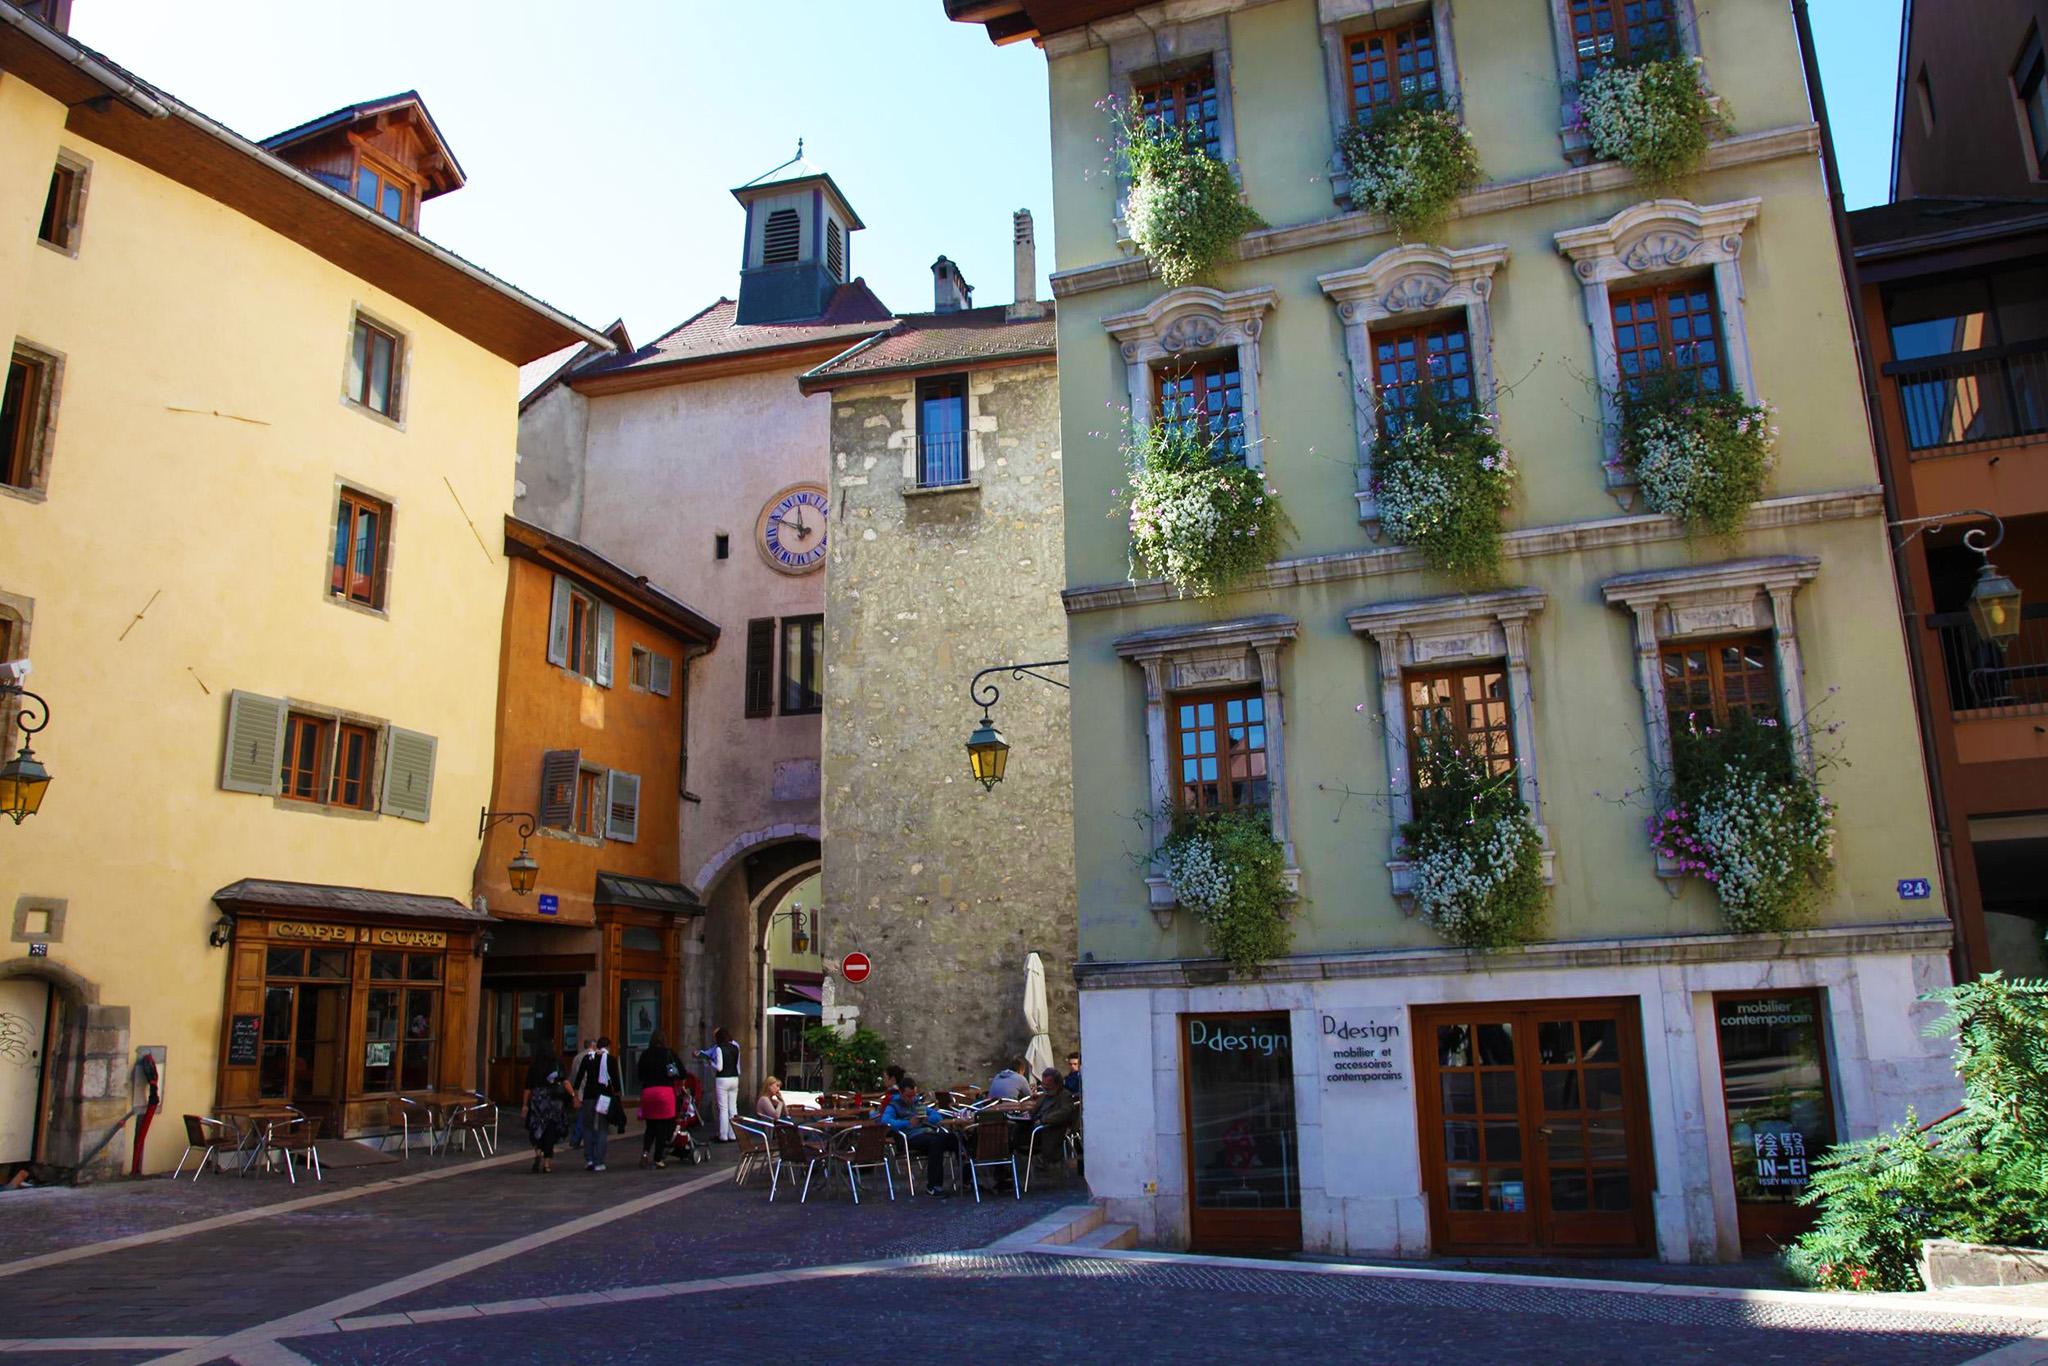 kt_2020_370_Keytours_excursions_Swisstours_annecy_rue_saint-claire_et_maison_gallo1_2048_10